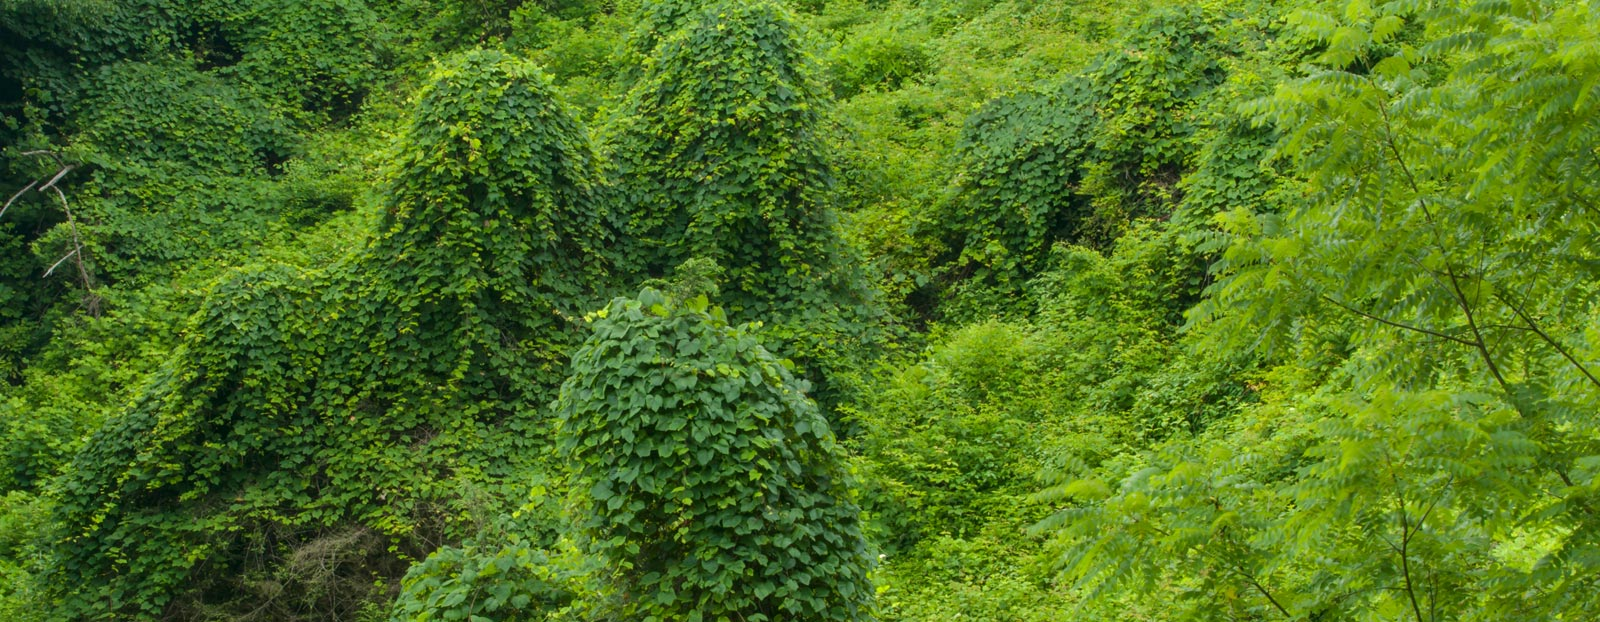 在自然栖息地生长着的葛根